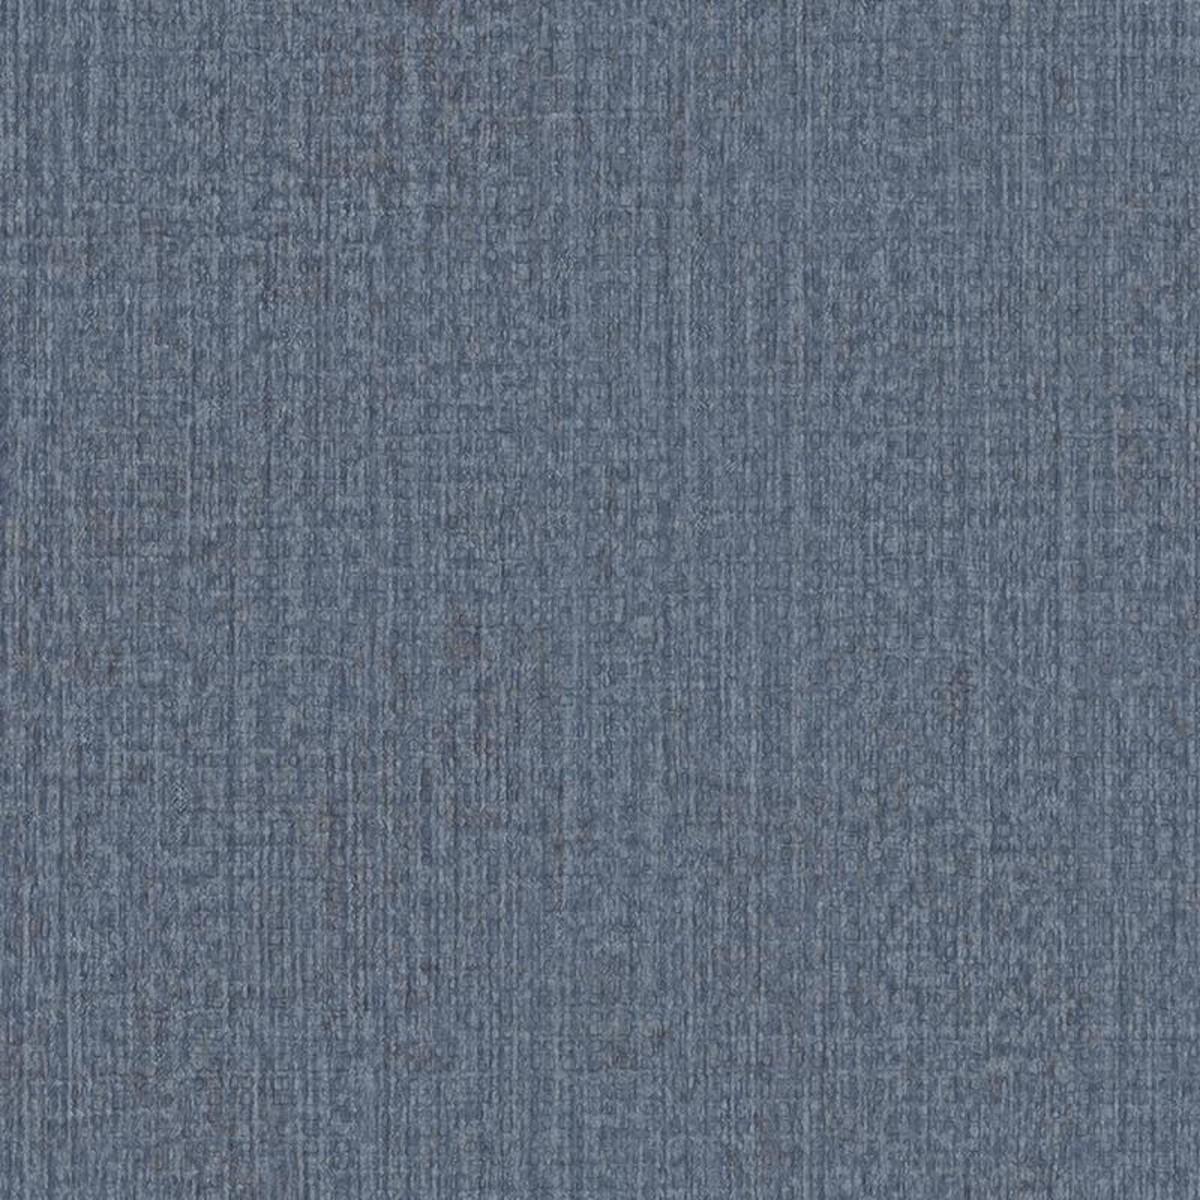 Обои флизелиновые Мир Романс голубые 45-324-01 1.06 м